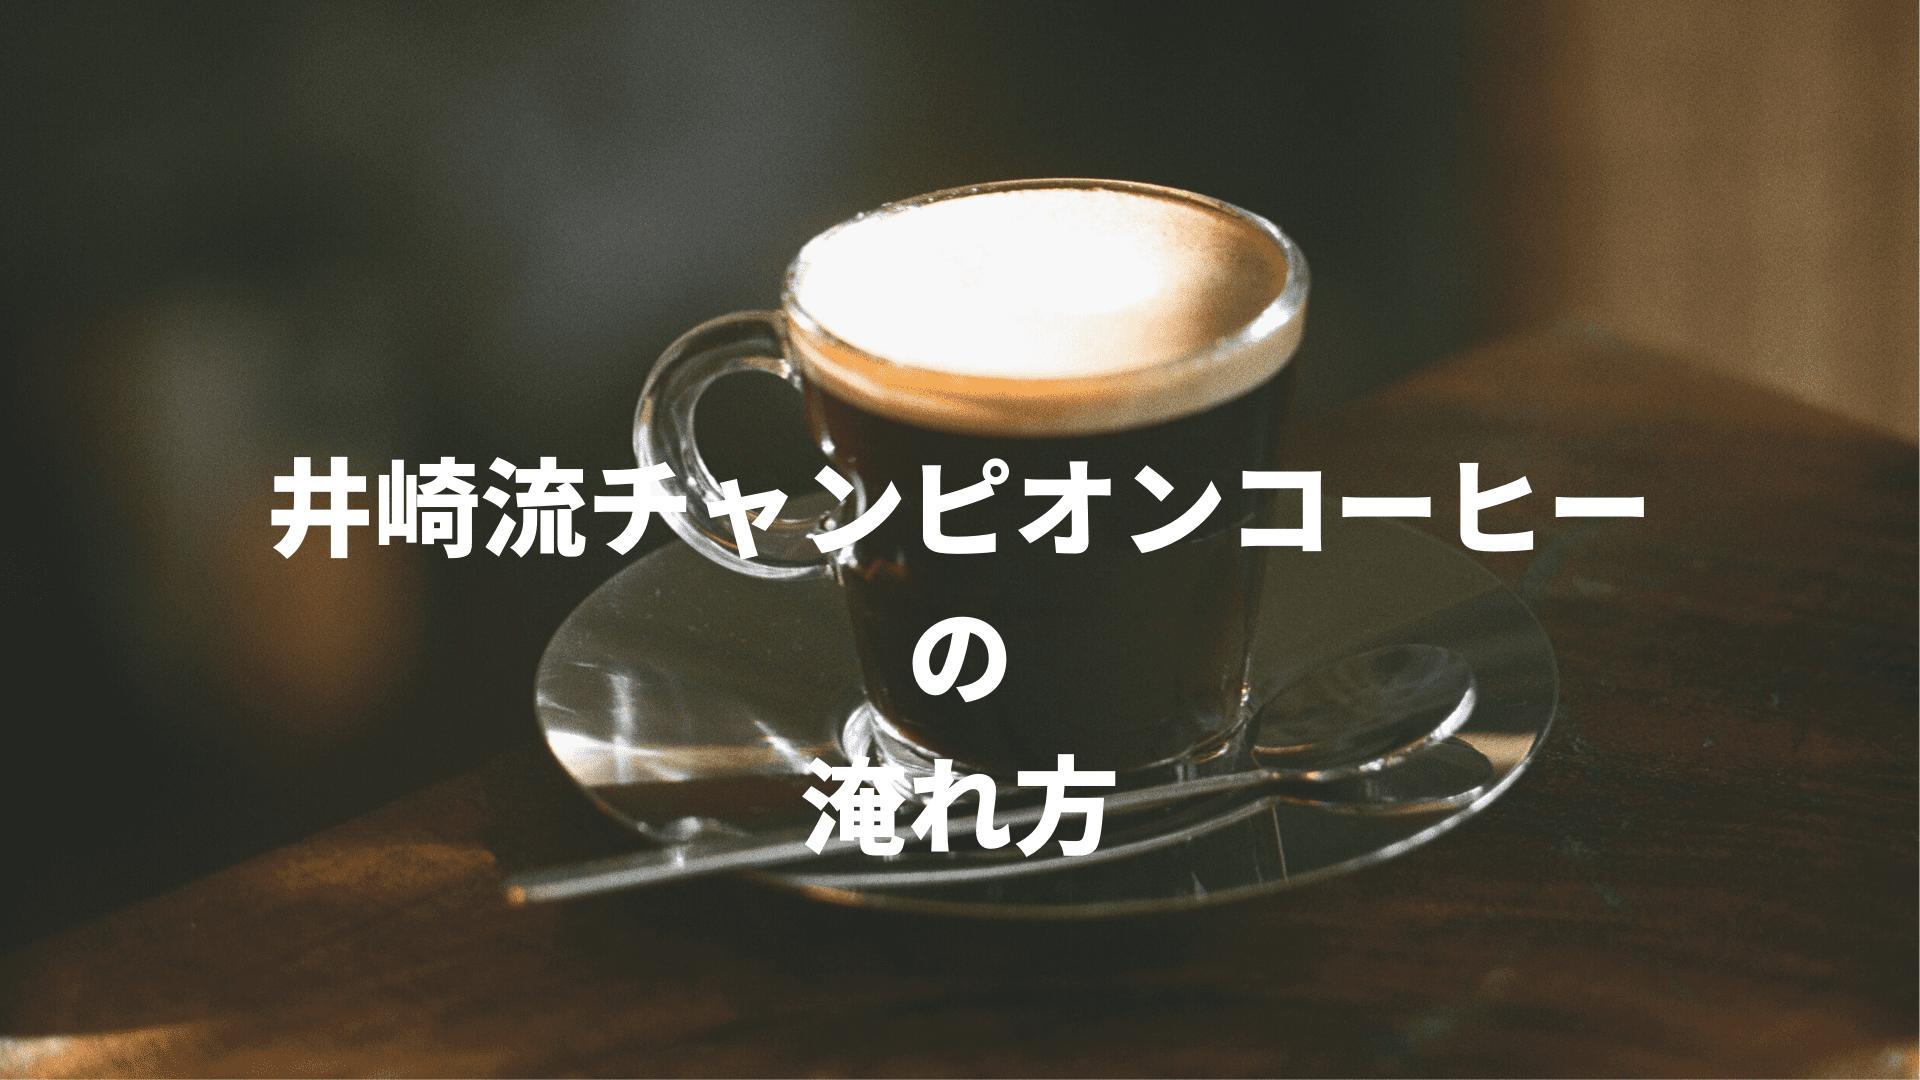 【超オススメなコーヒーの淹れ方】ワールド・バリスタチャンピオン井崎英典さんのコーヒーの淹れ方